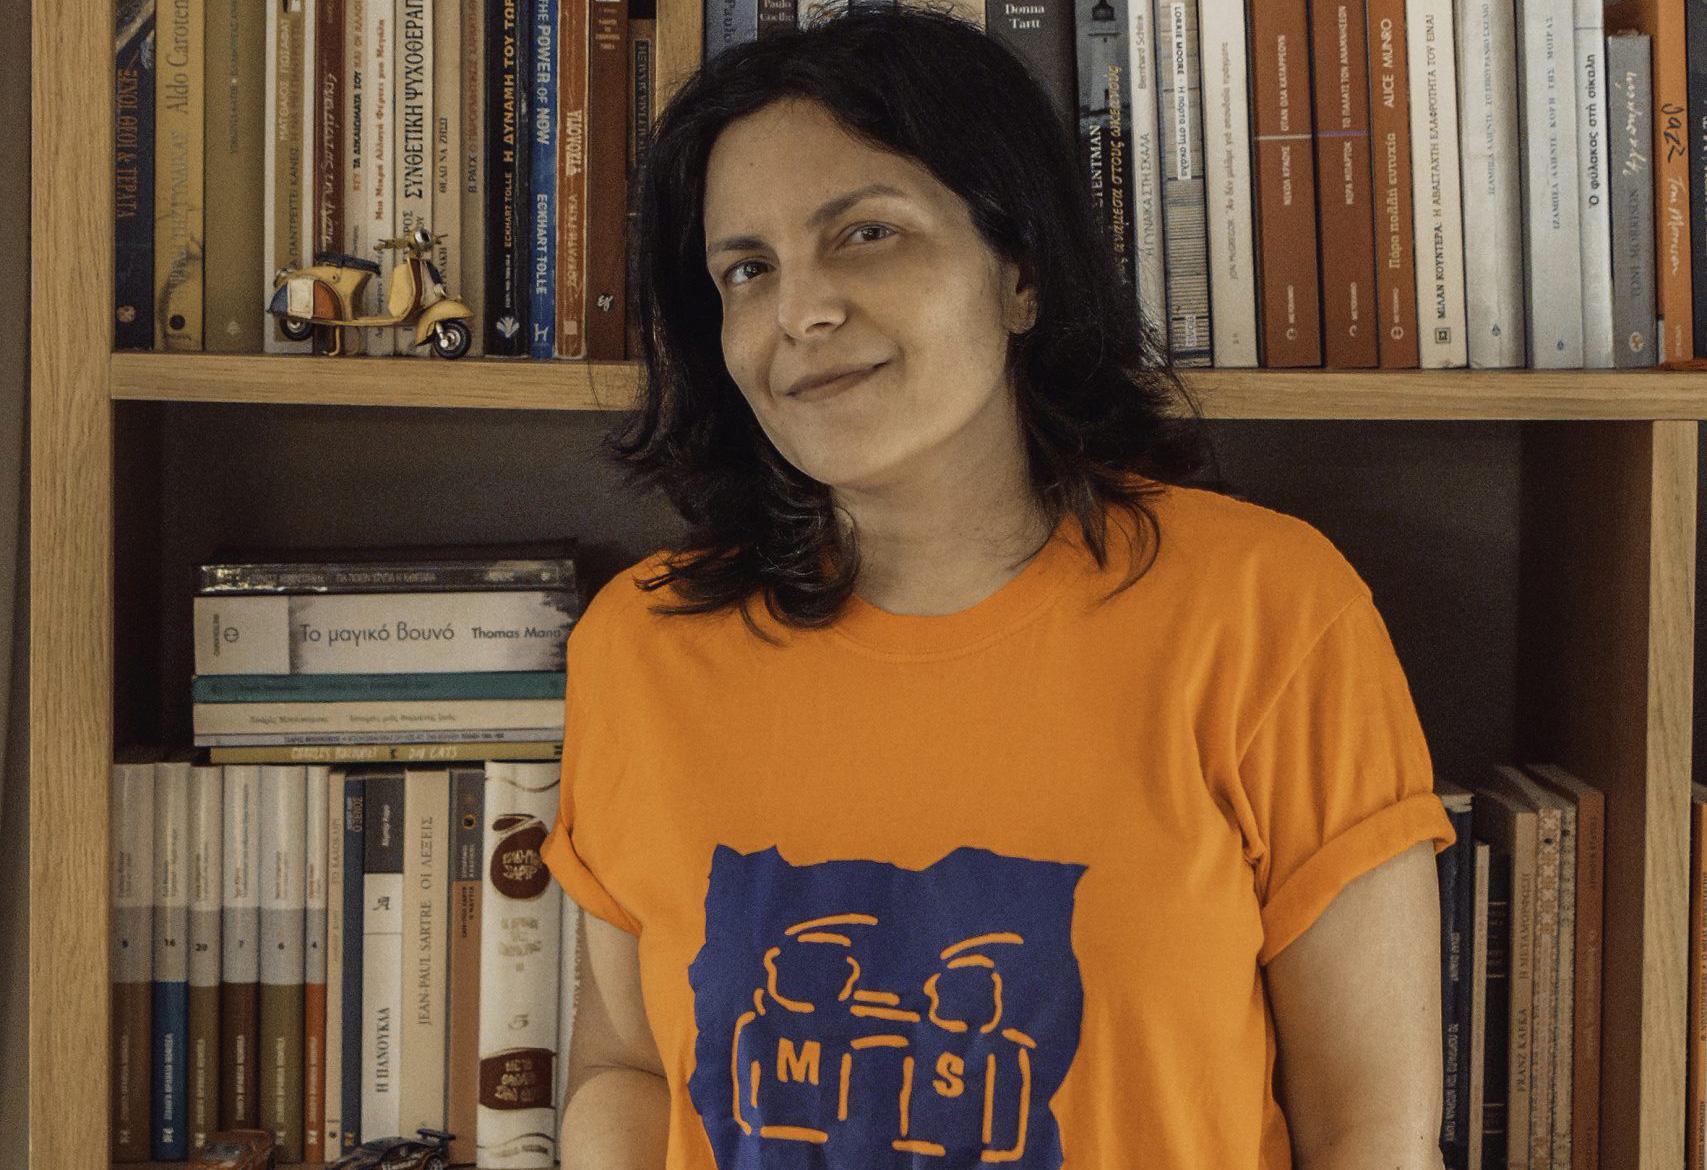 Ελεάνα Βραχάλη για Σκλήρυνση Κατά Πλάκας: οφείλεις να λες πιο συχνά «Τώρα μιλάω εγώ»